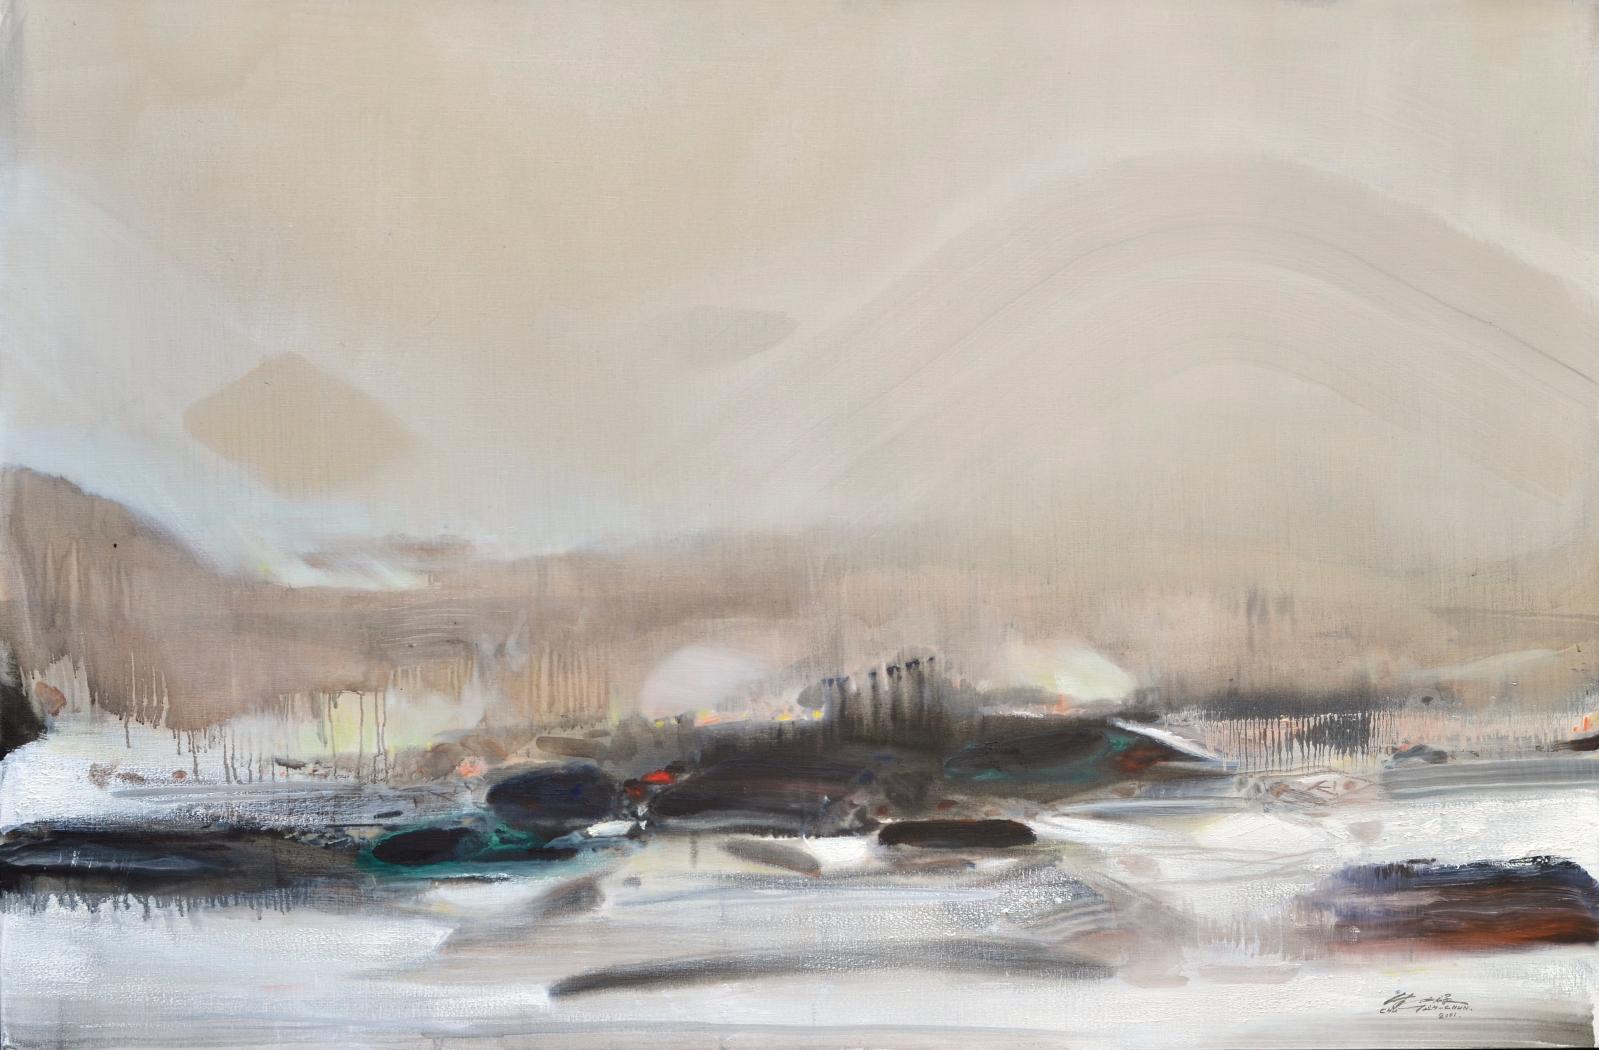 Chu Teh-chun(1920-2014), Après la coupe des adieux, le silence de la steppe, huile sur toile, 2001, 130x195cm. ©Adagp Paris 2020